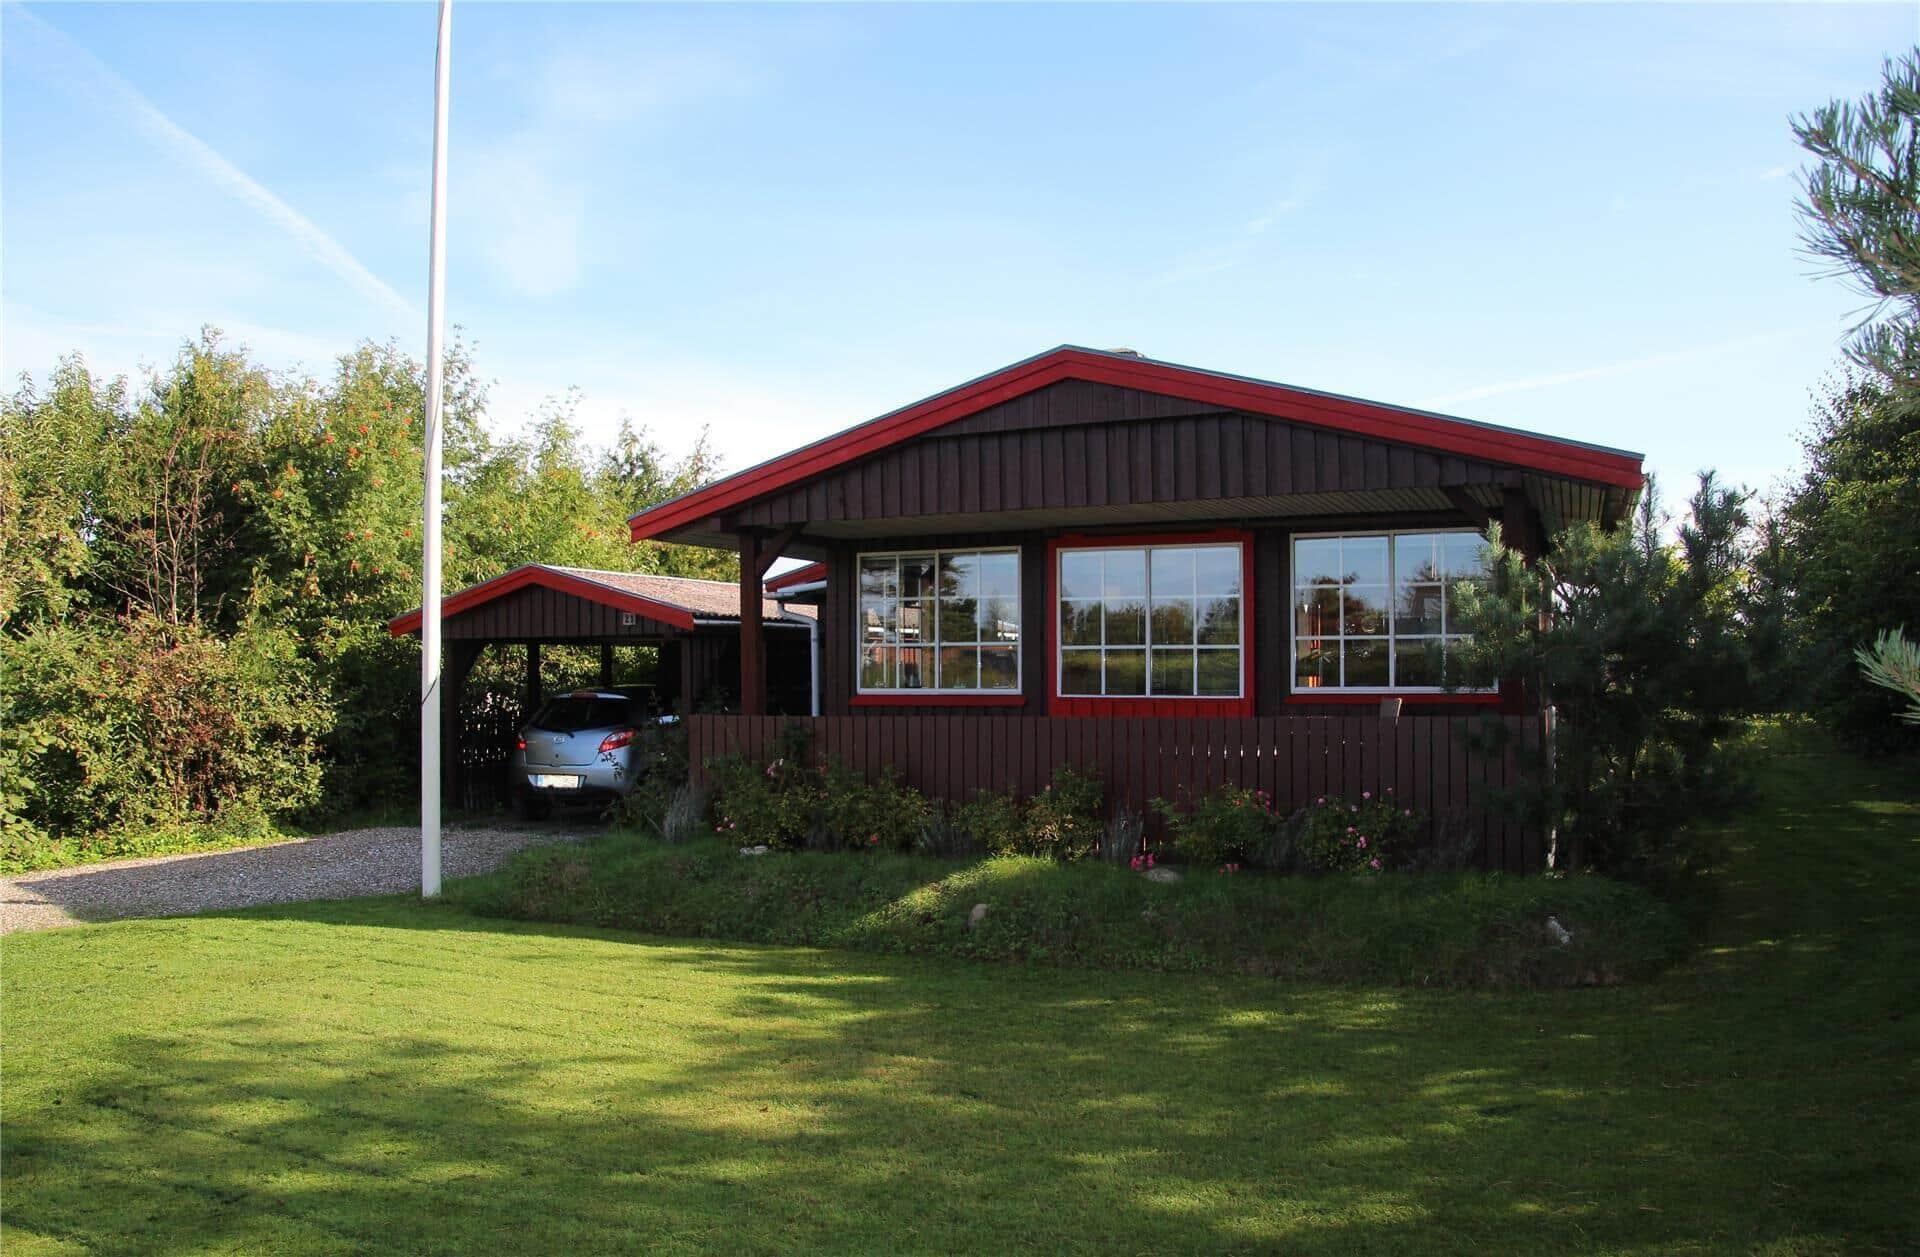 Billede 1-3 Sommerhus M64138, Skåstrup Strand Øst 21, DK - 5400 Bogense